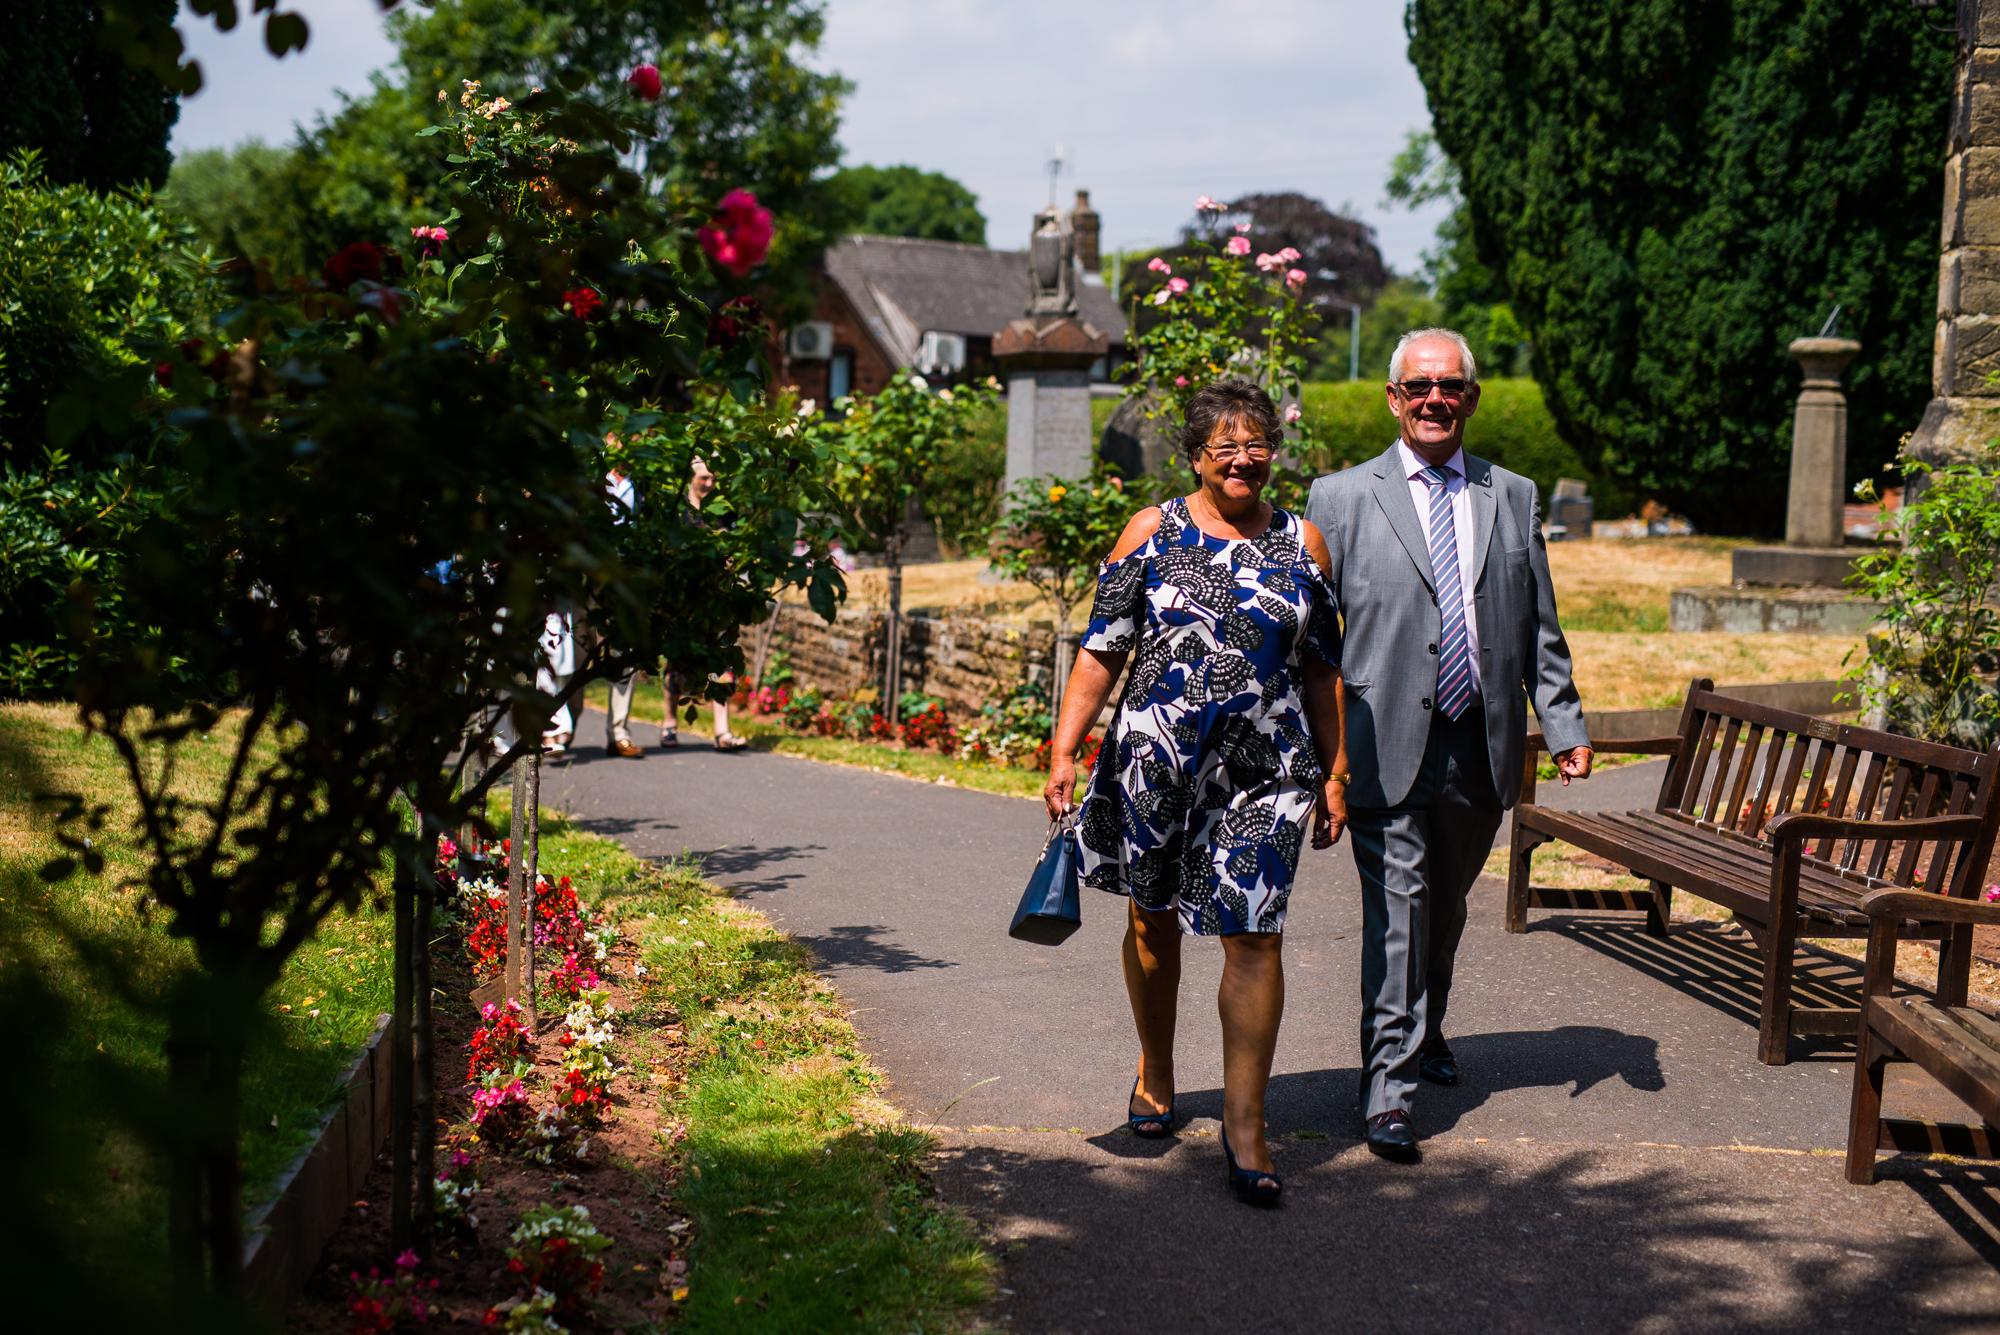 Roise and John wedding photos (55 of 383).jpg